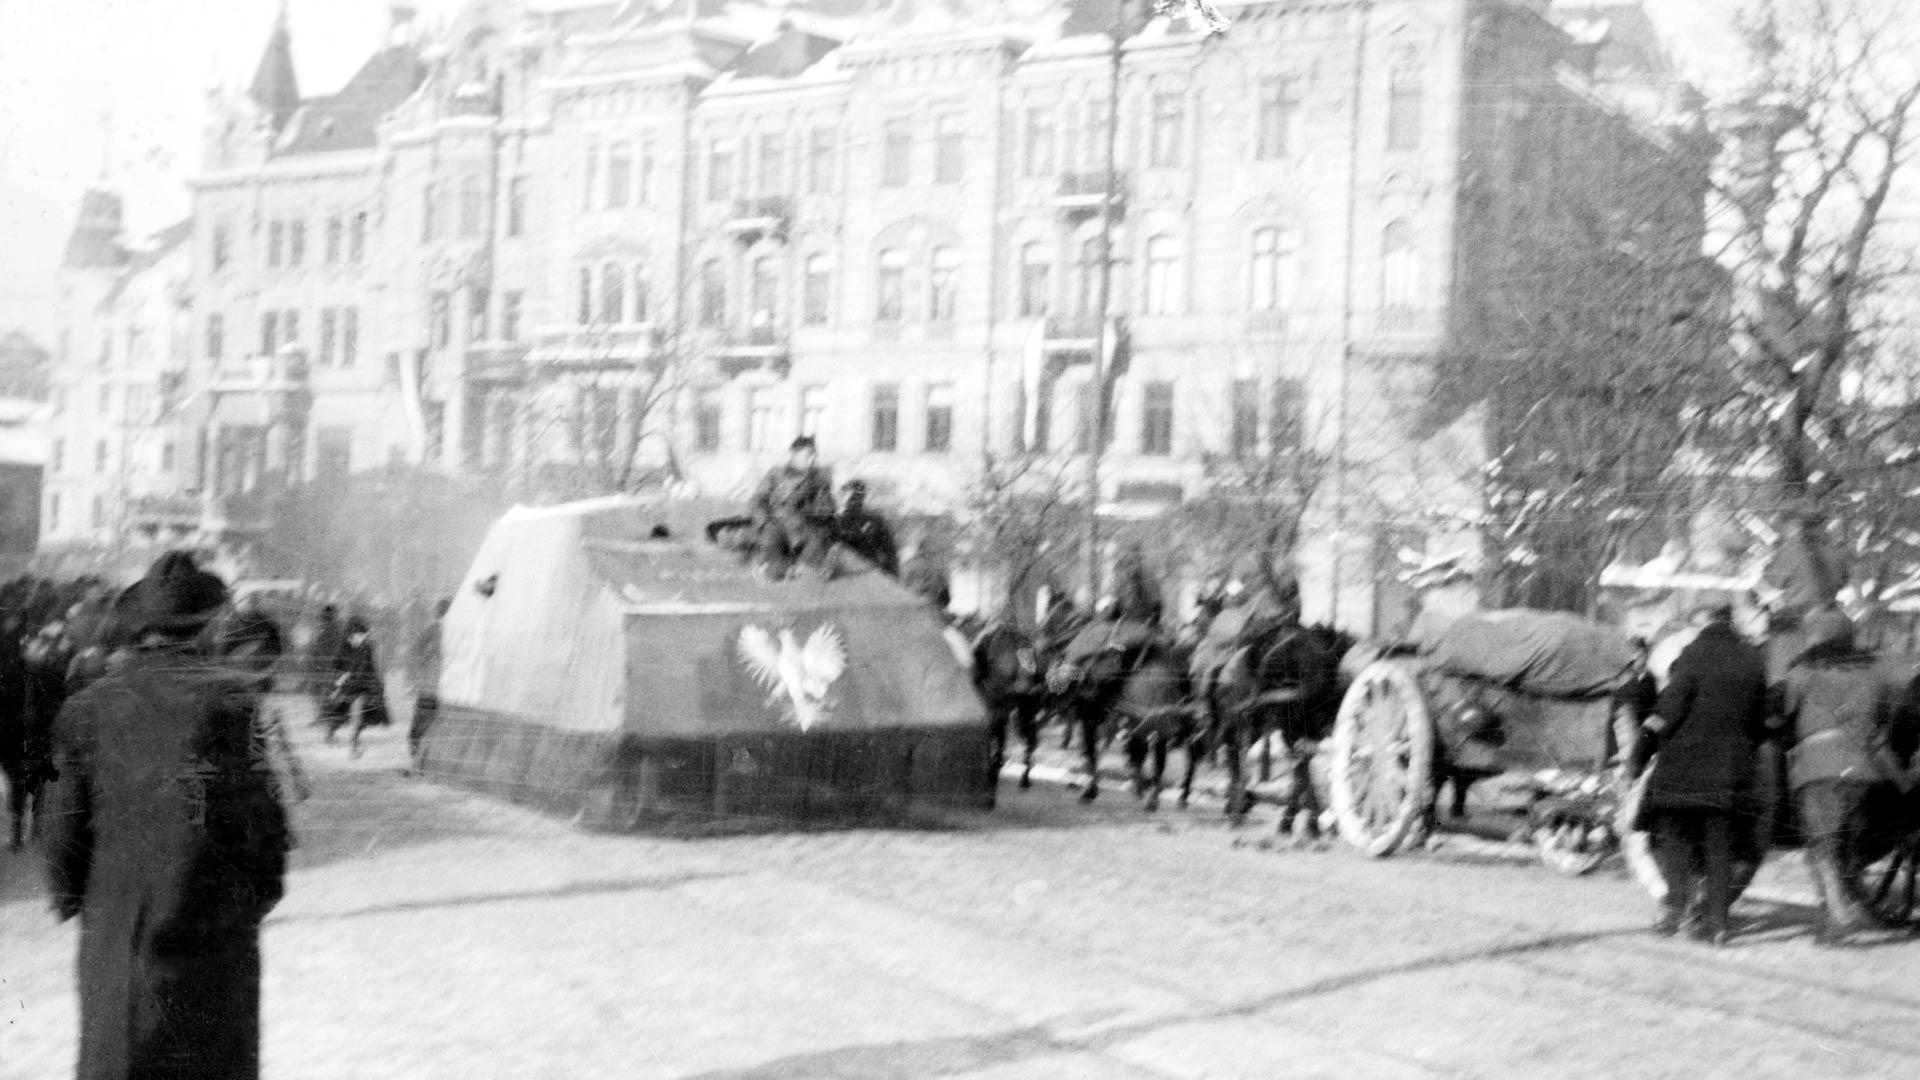 Tank Piłsudskiego na pl. Halickim we Lwowie pod koniec listopada 1918 roku. Czasem zdjęcie błędnie opisywane jest jako zdjęcie z pl. Krakowskiego. Fot. w Domenie Publicznej, NAC, Sygnatura: 1-H-356-5